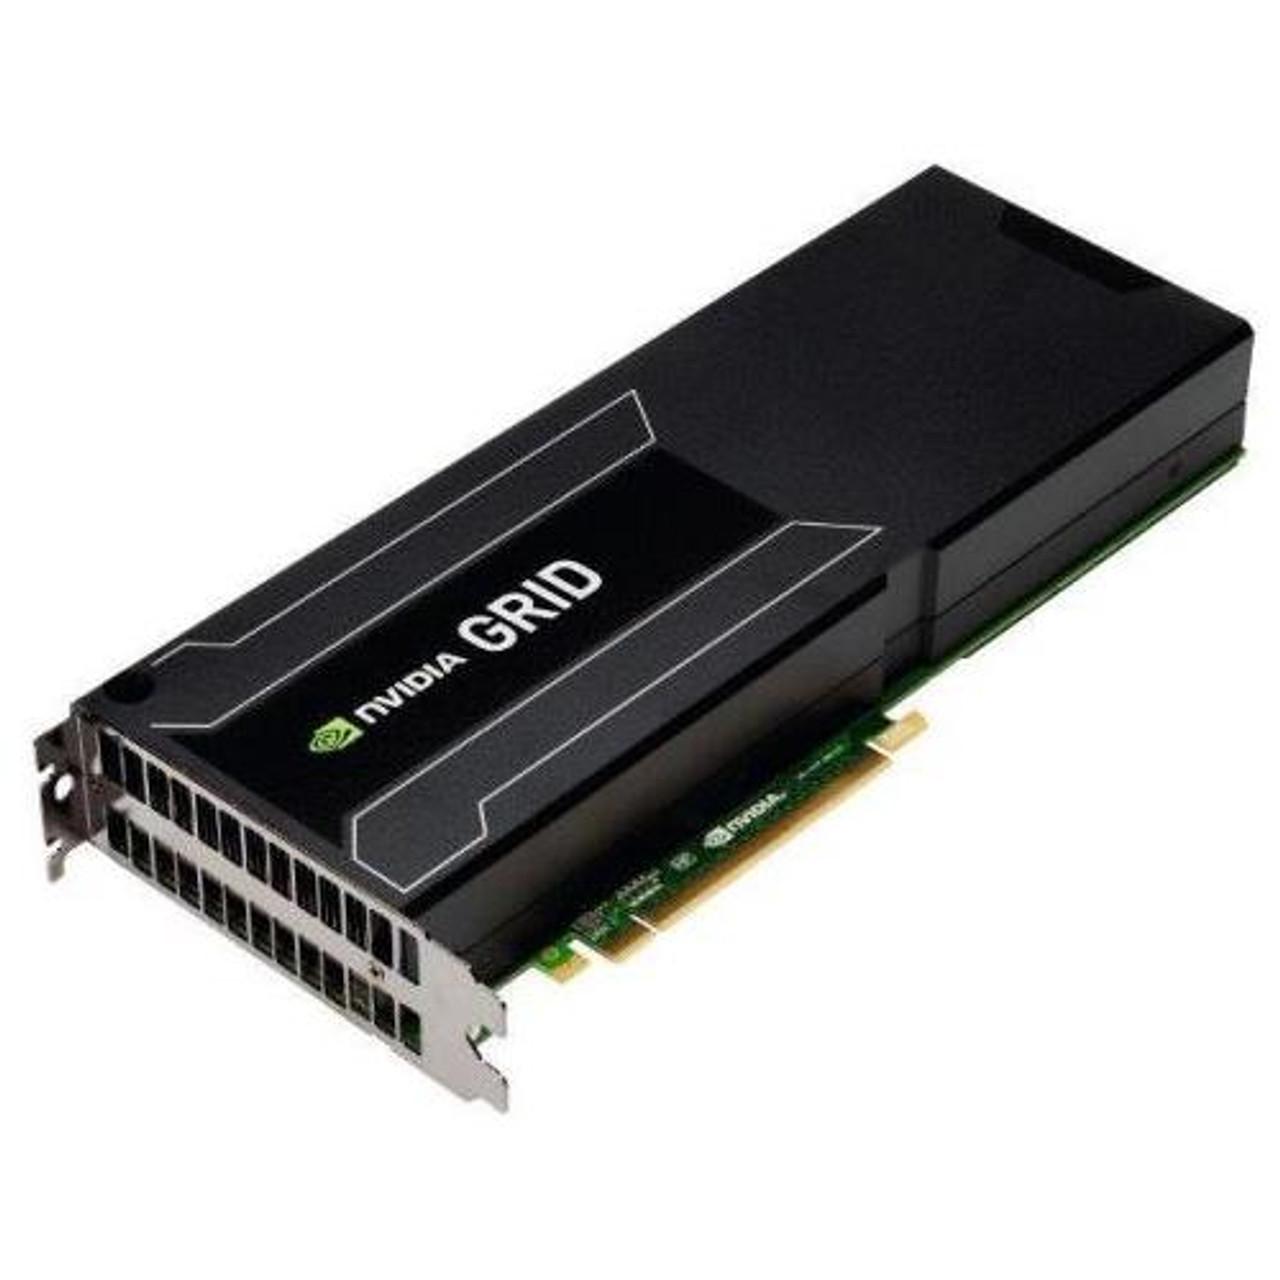 900-12055-0020-000 Nvidia GRID K520 8GB GDDR5 PCIe gen3 x16 Kepler GPU Graphics